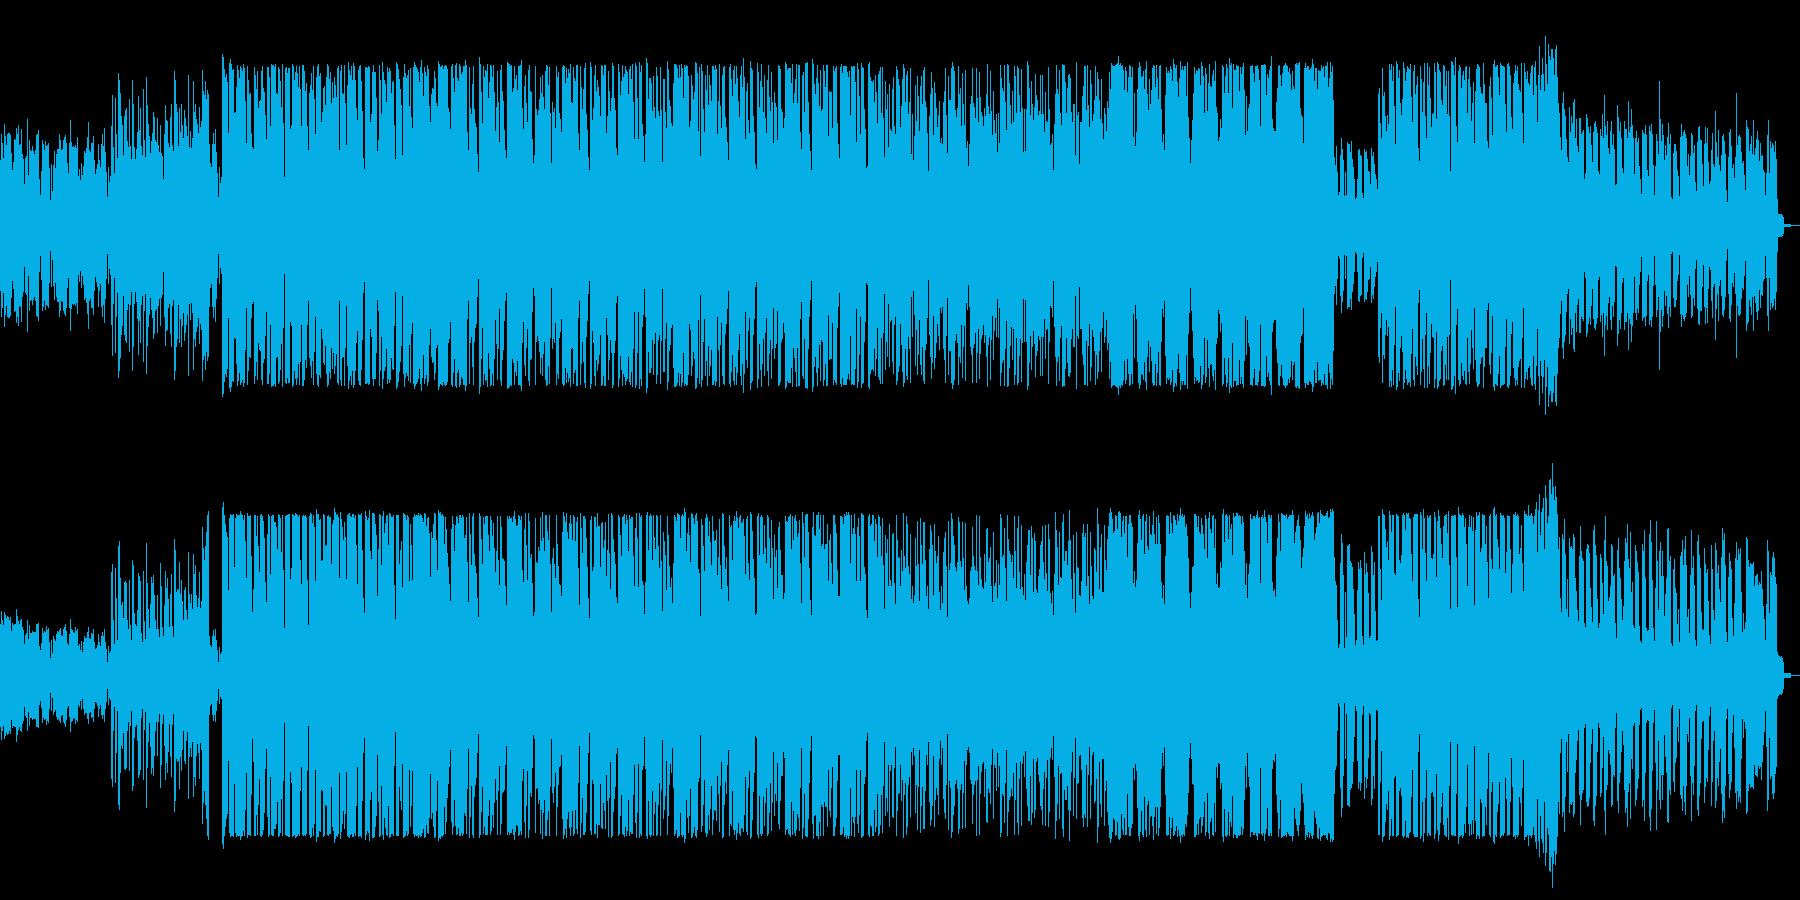 ベースの低音から始まるサスペンス感ある曲の再生済みの波形